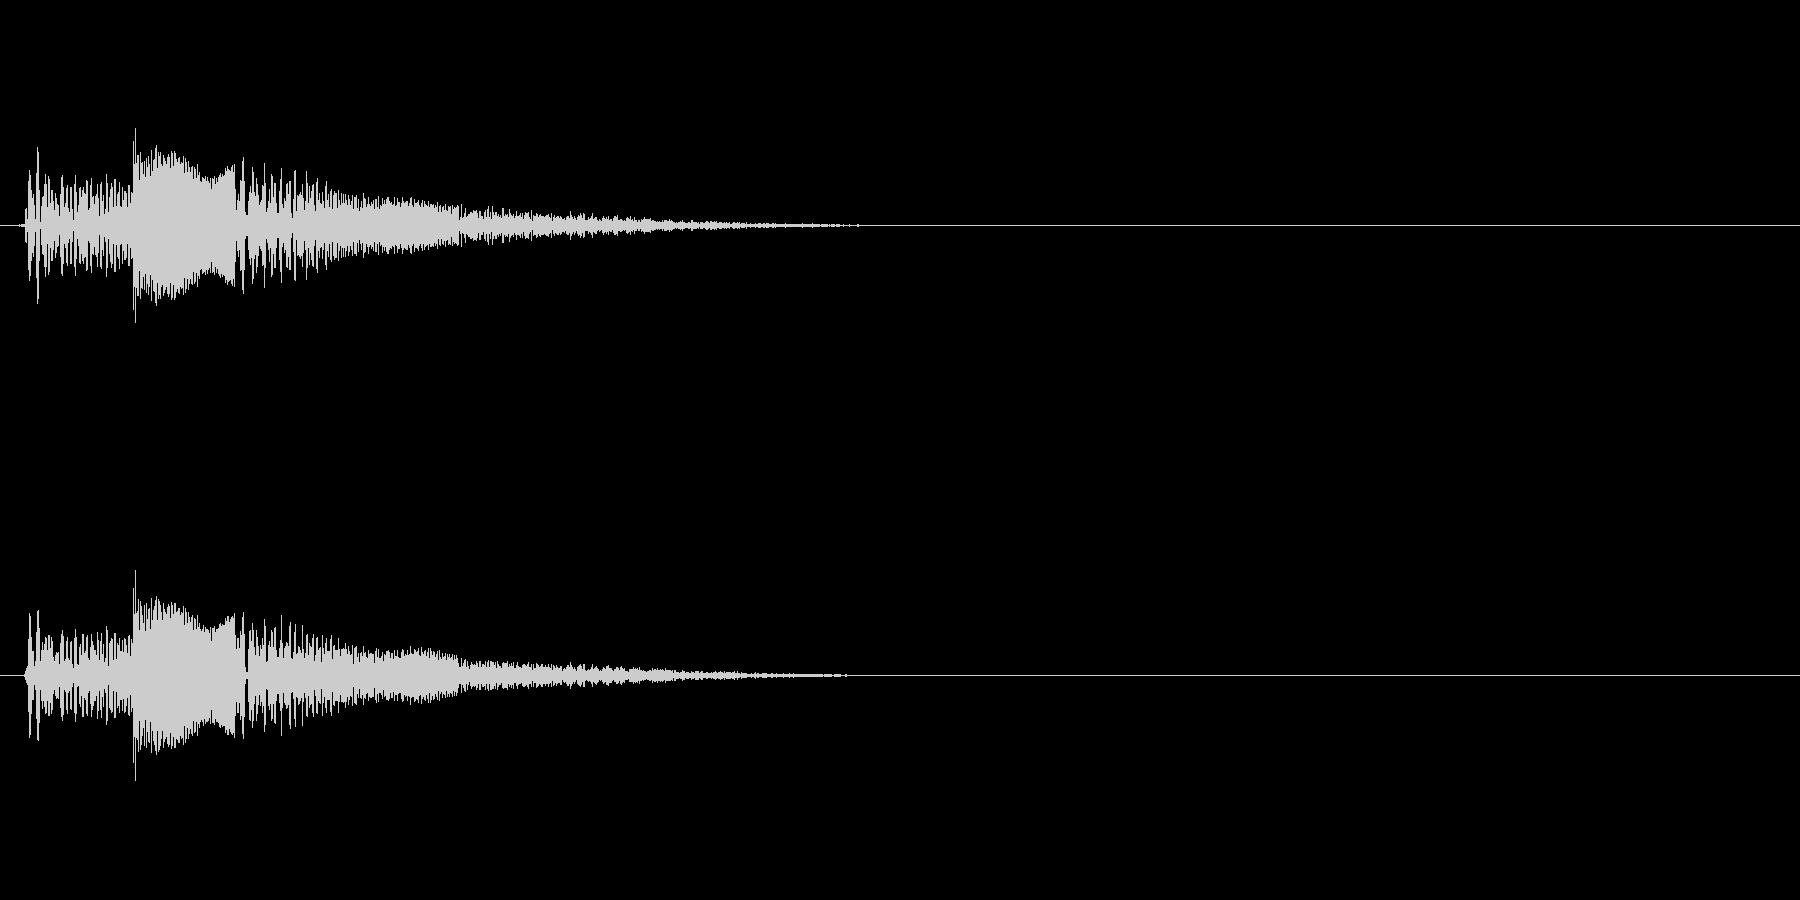 ゼリーのようなポヨンとした音の未再生の波形